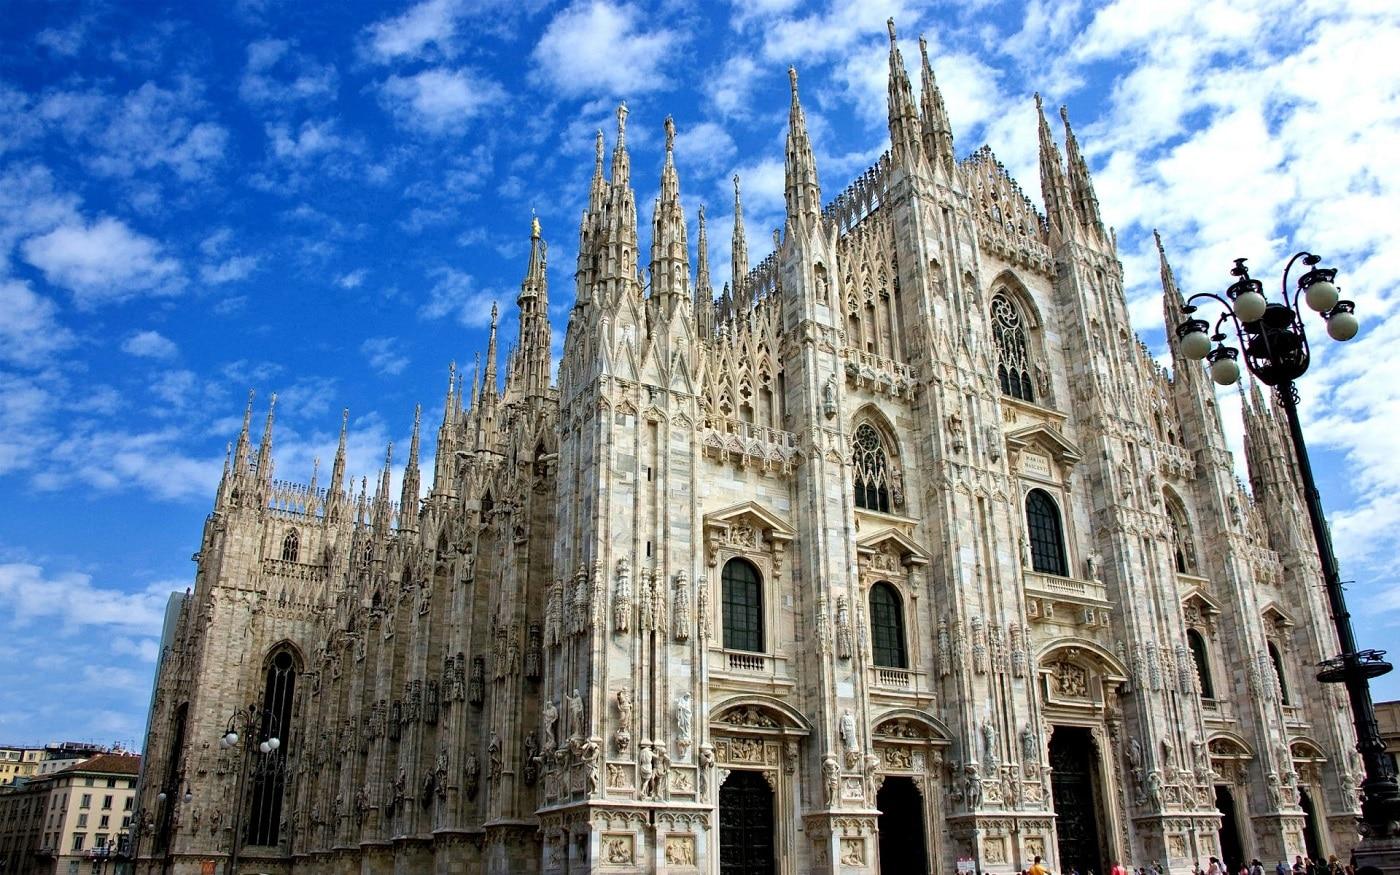 Domul din Milano, edificiul care schimbă complet orizontul orașului